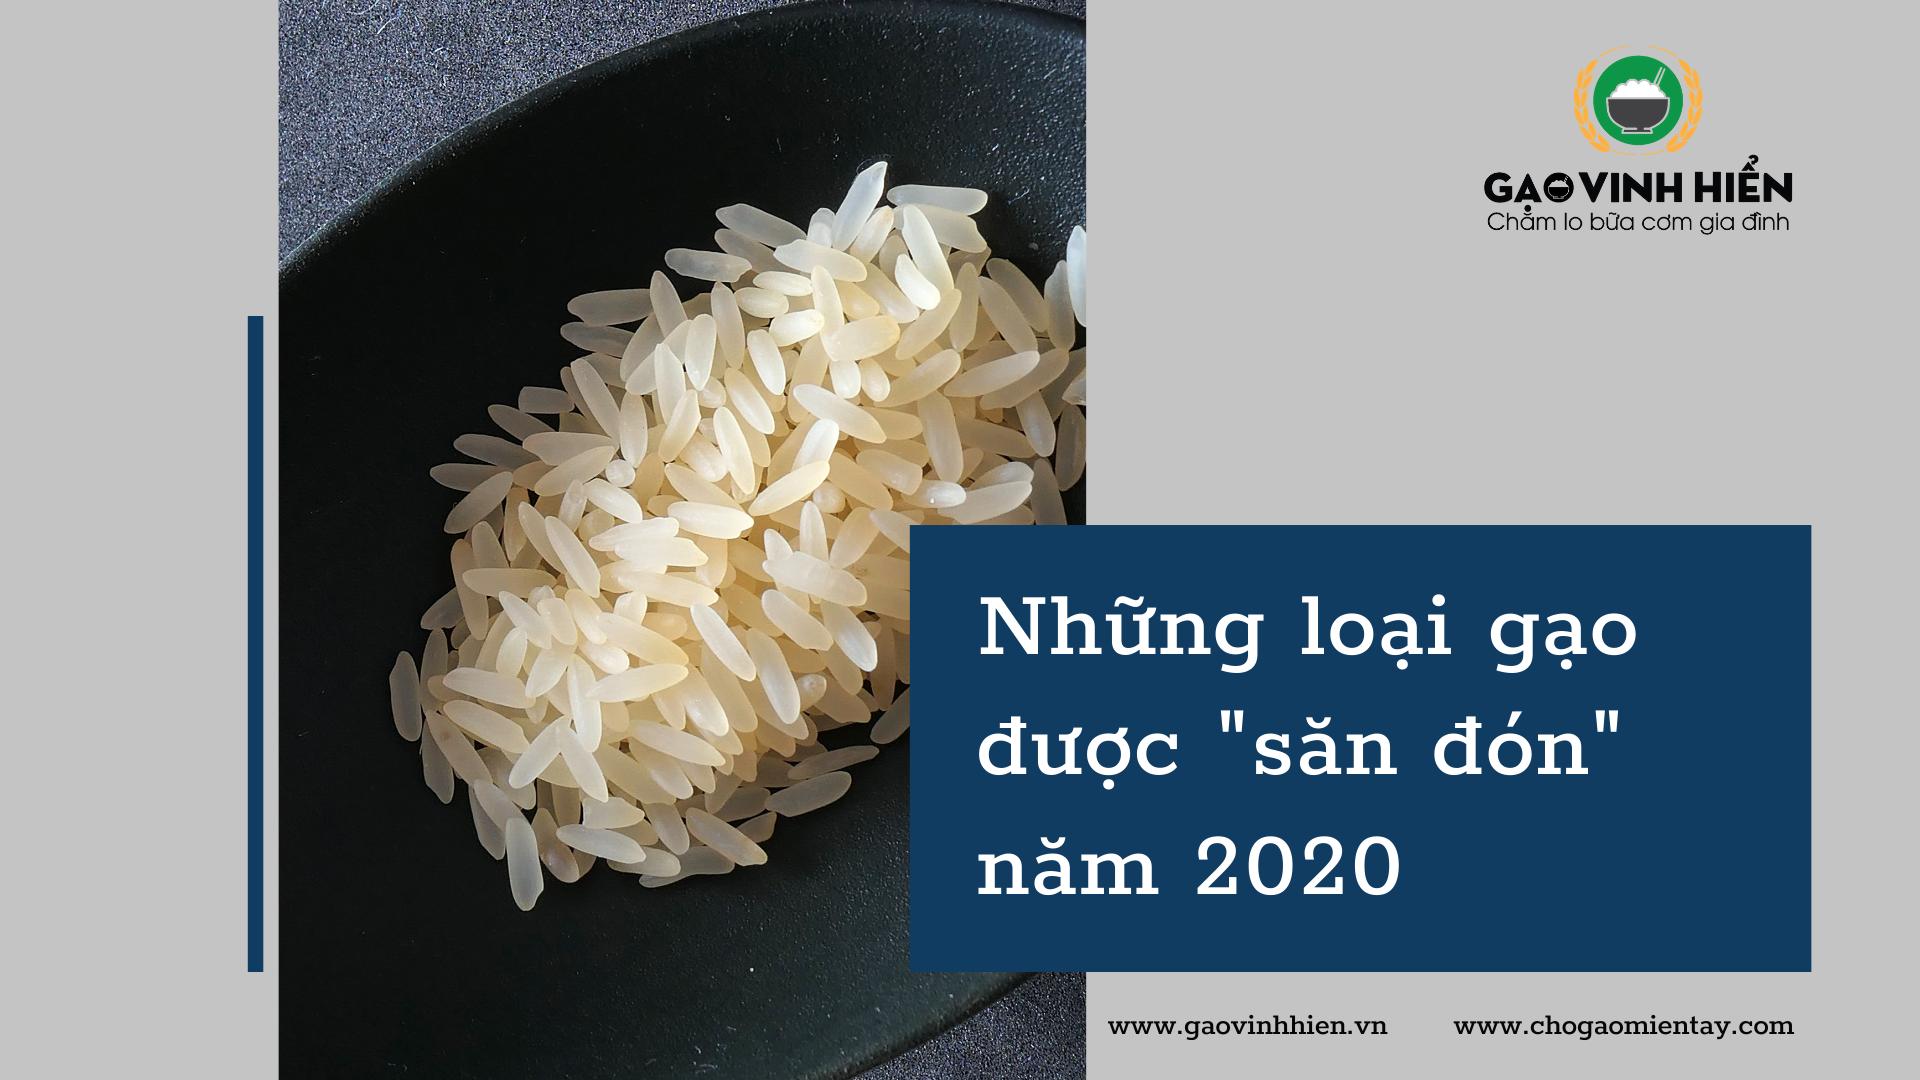 Những loại gạo được tìm kiếm nhiều nhất 2020